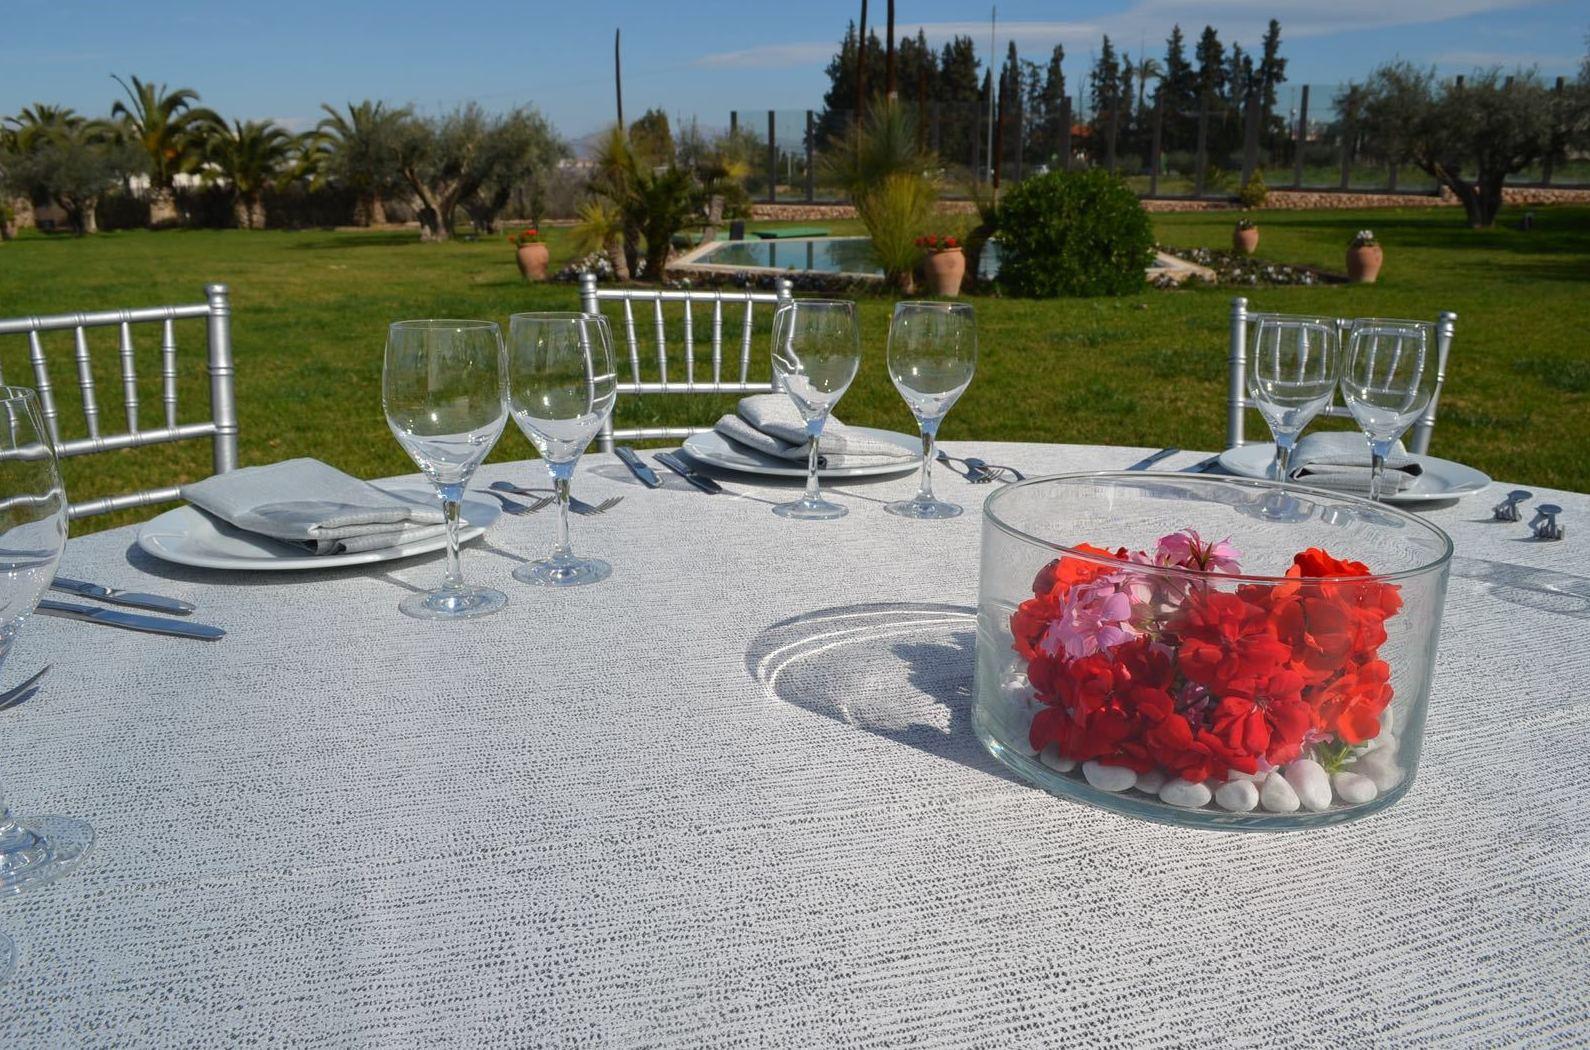 Alquiler de material, decoración de espacios para celebraciones  en Murcia